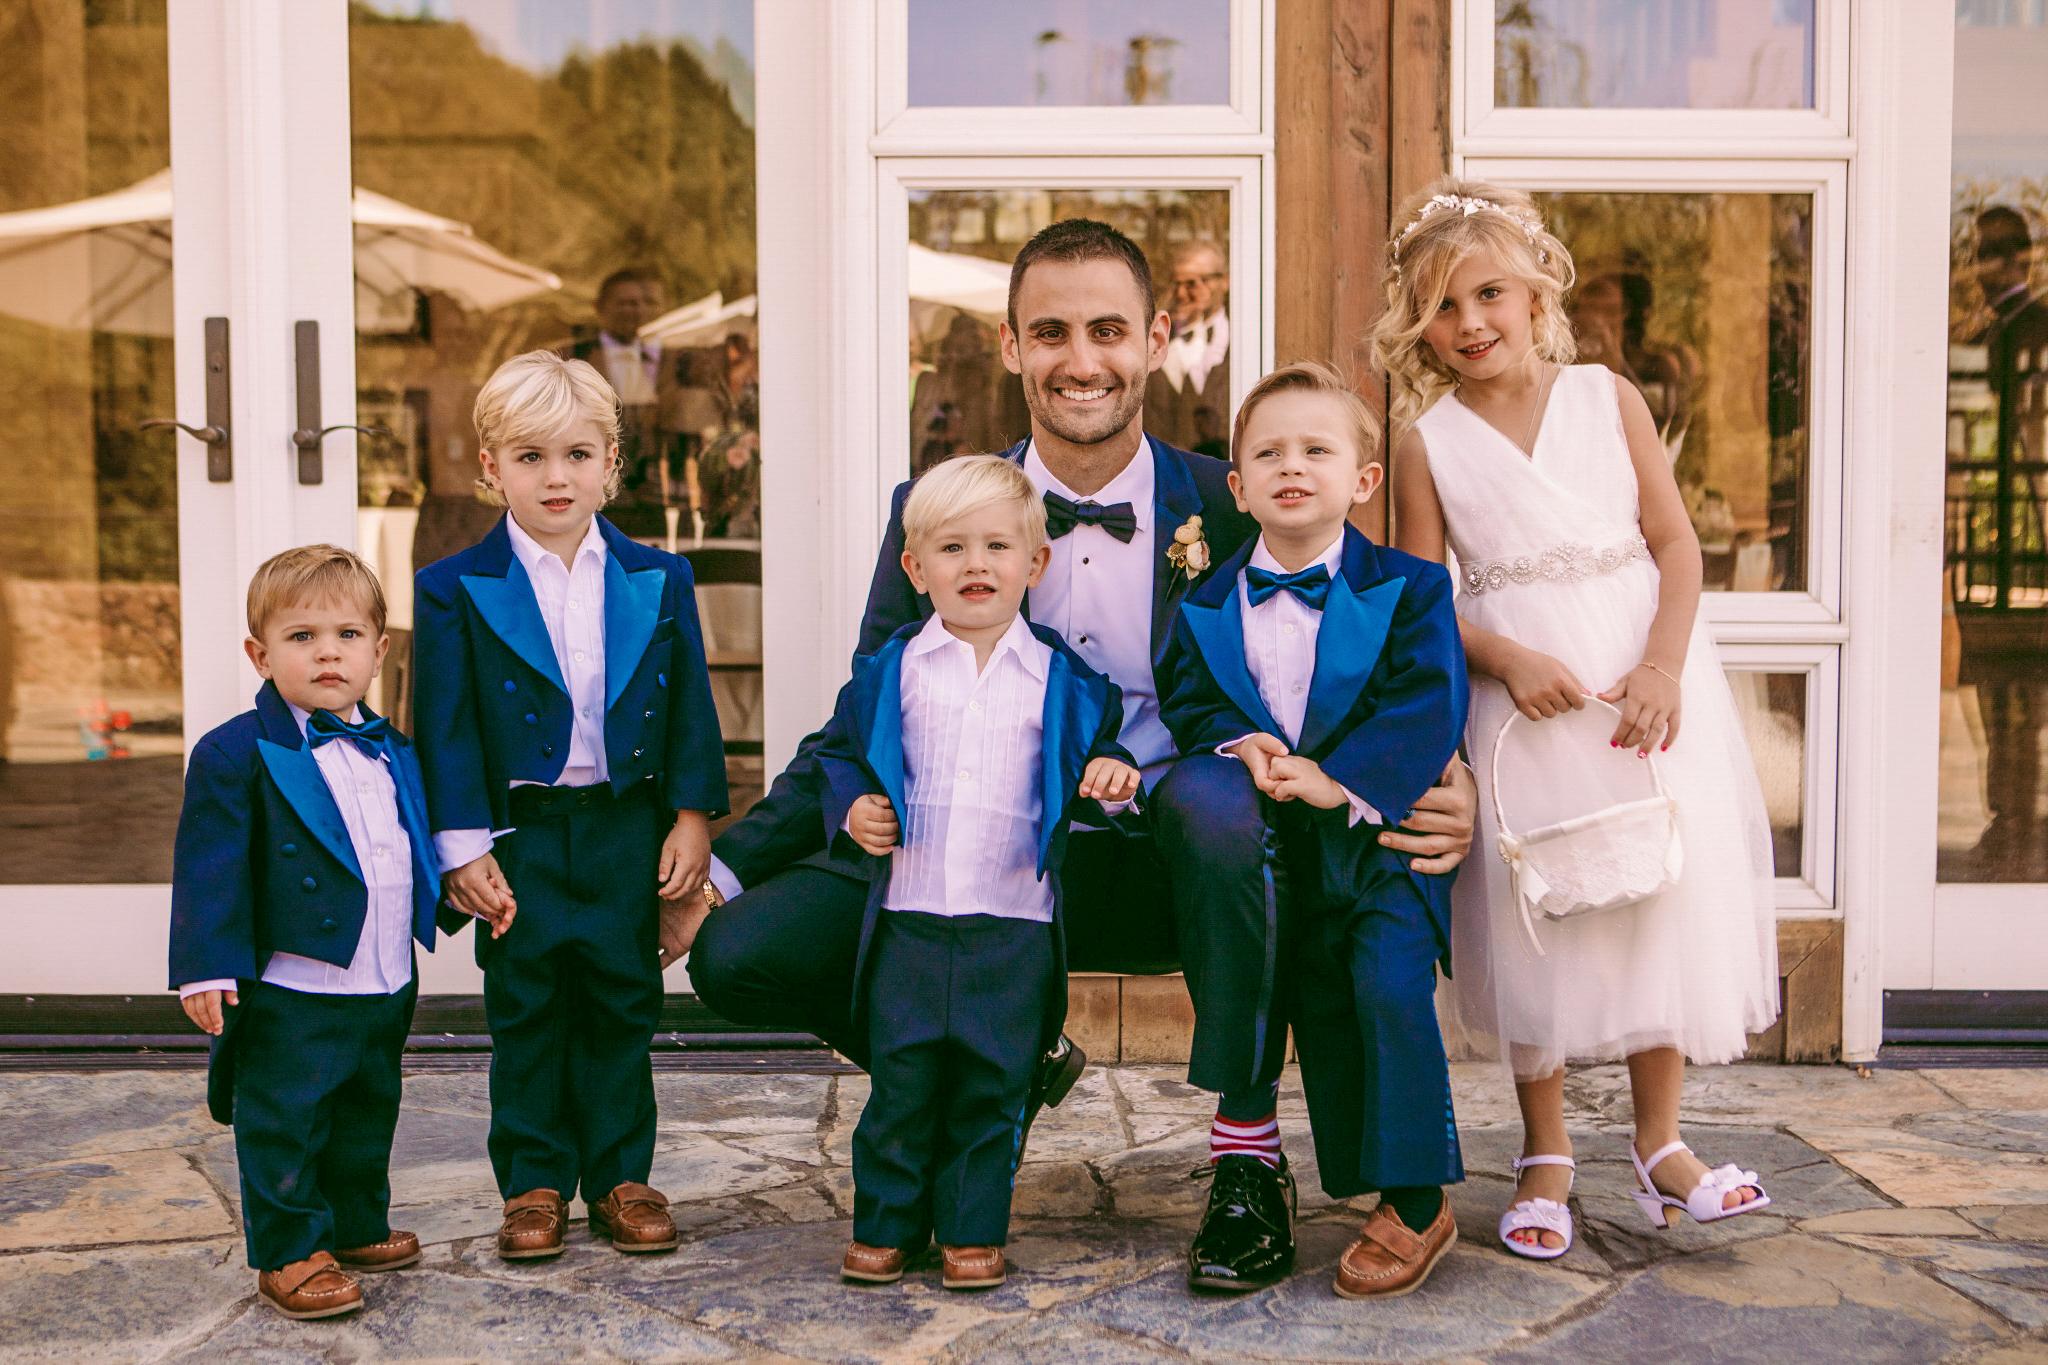 san diego wedding   photographer | man in blue suit with children in formal attire